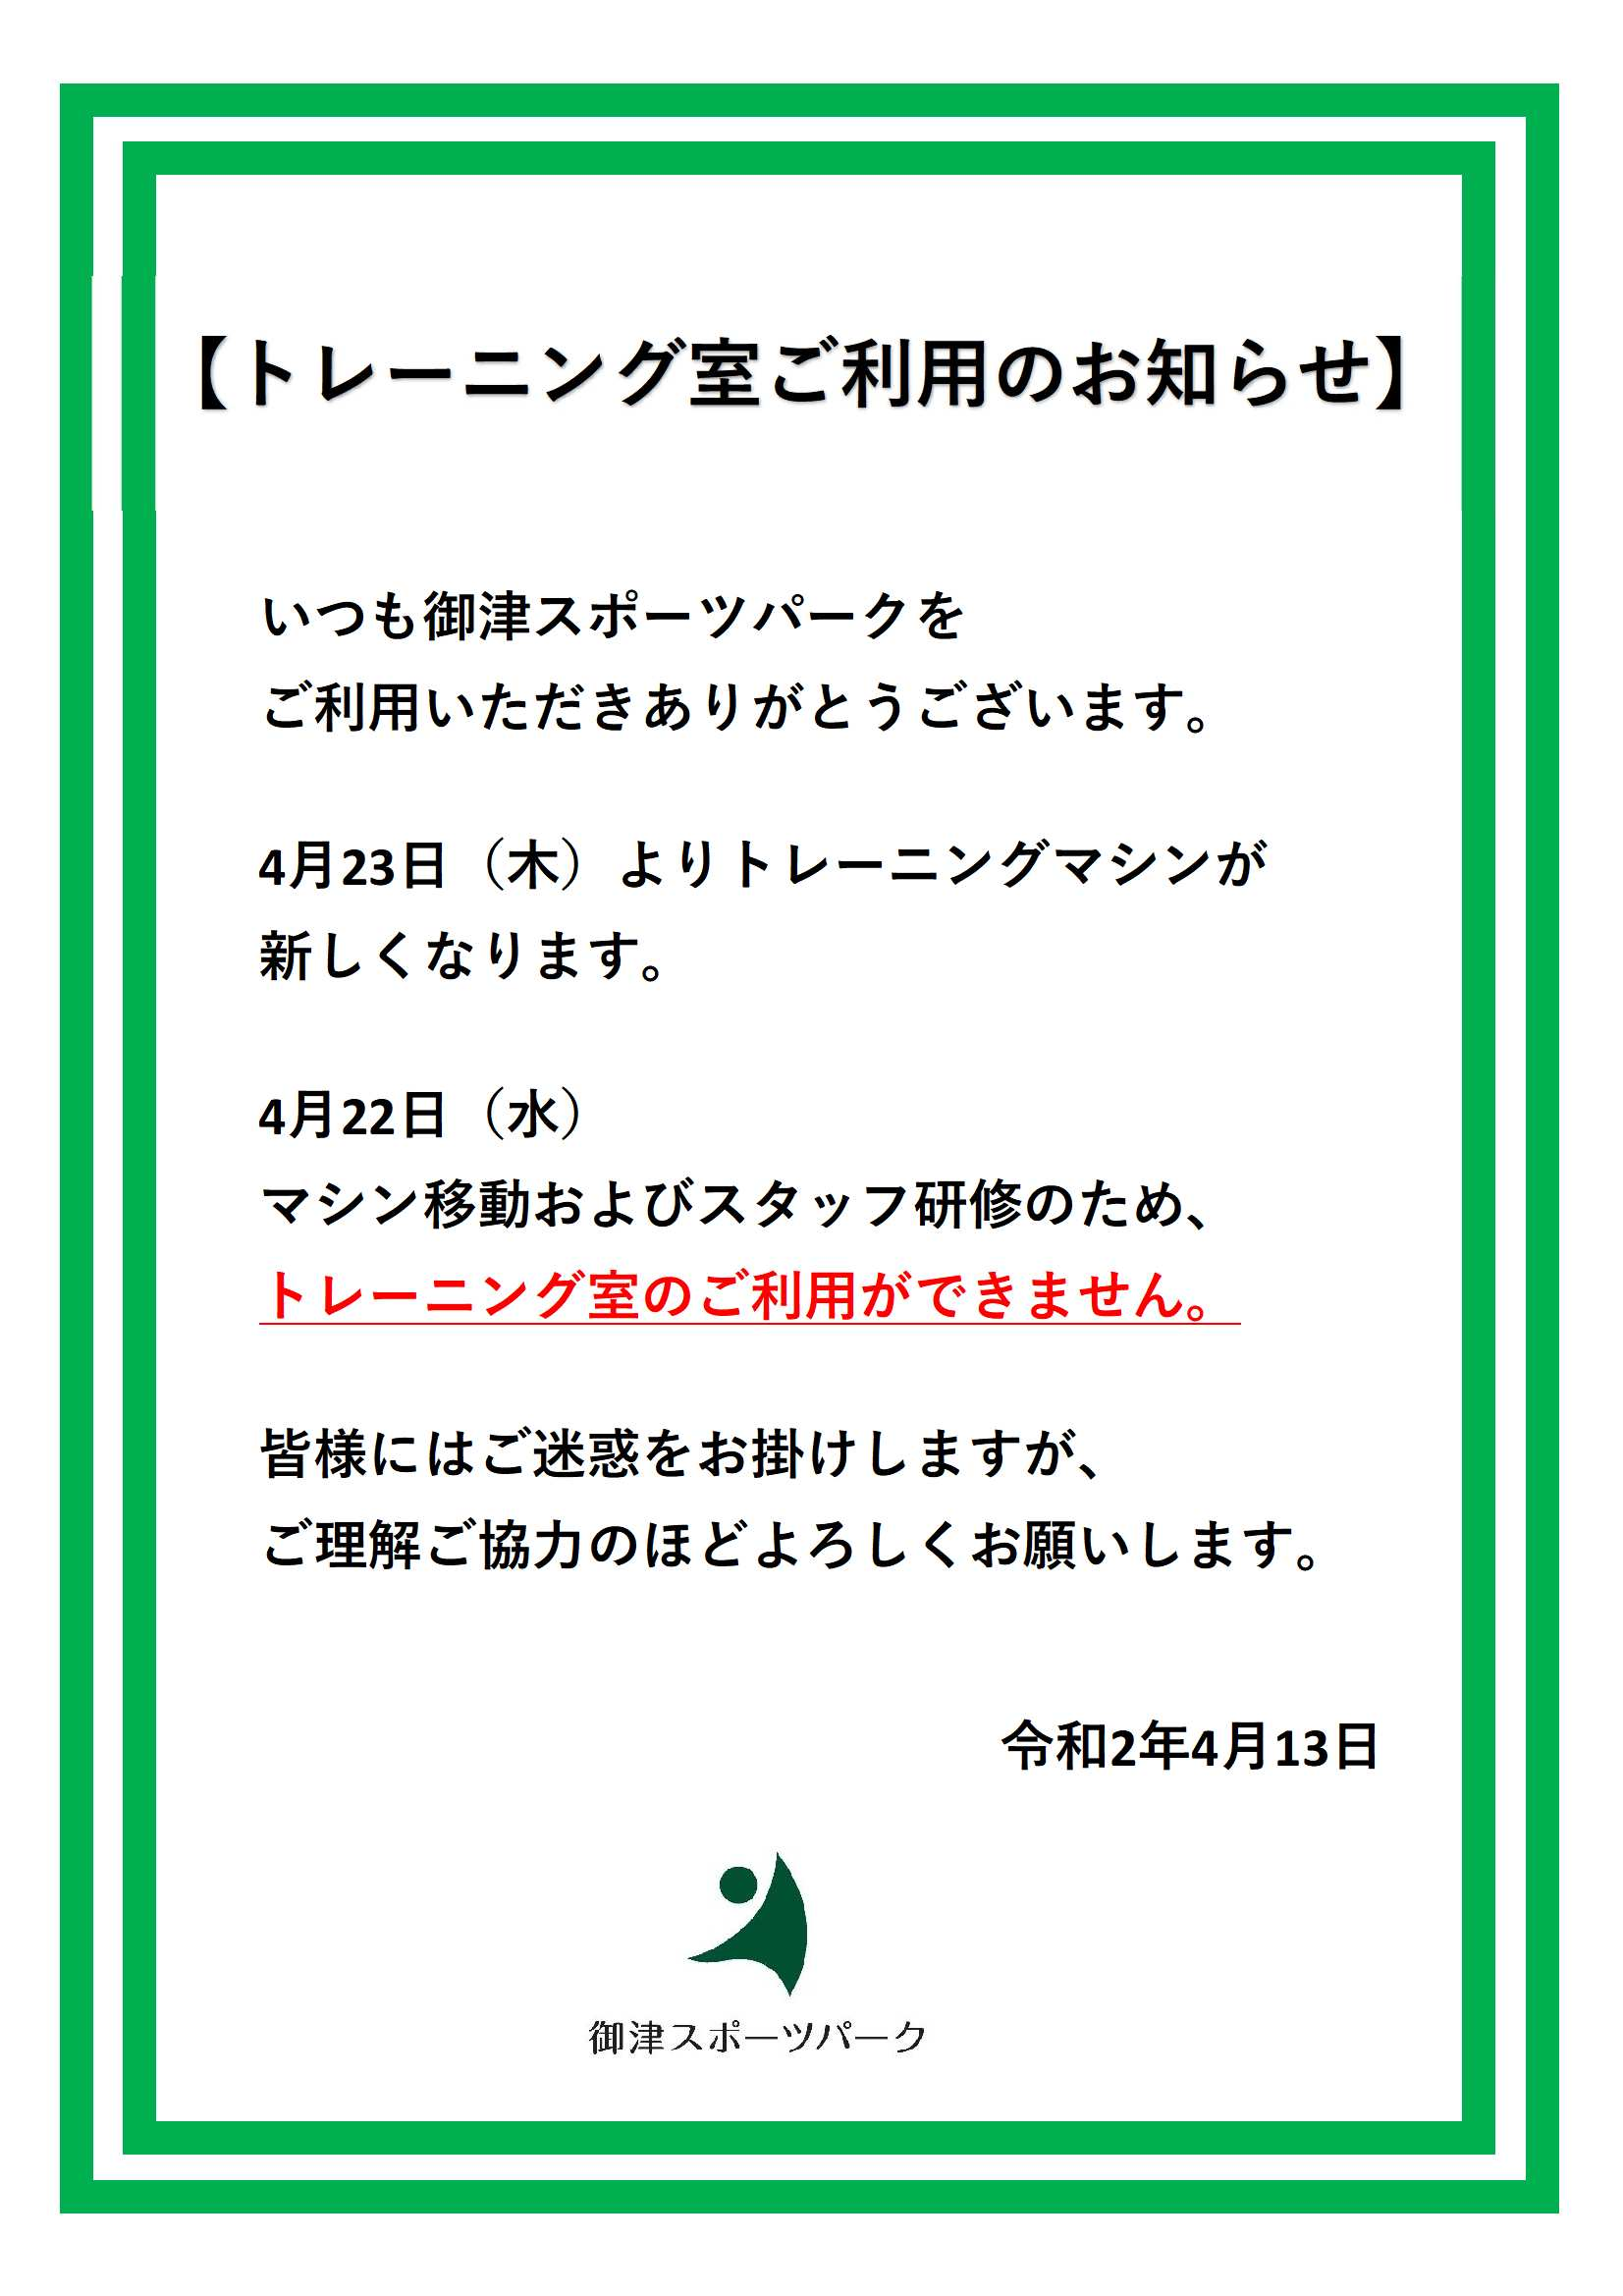 お知らせPOP【マシン移動】-2.jpg